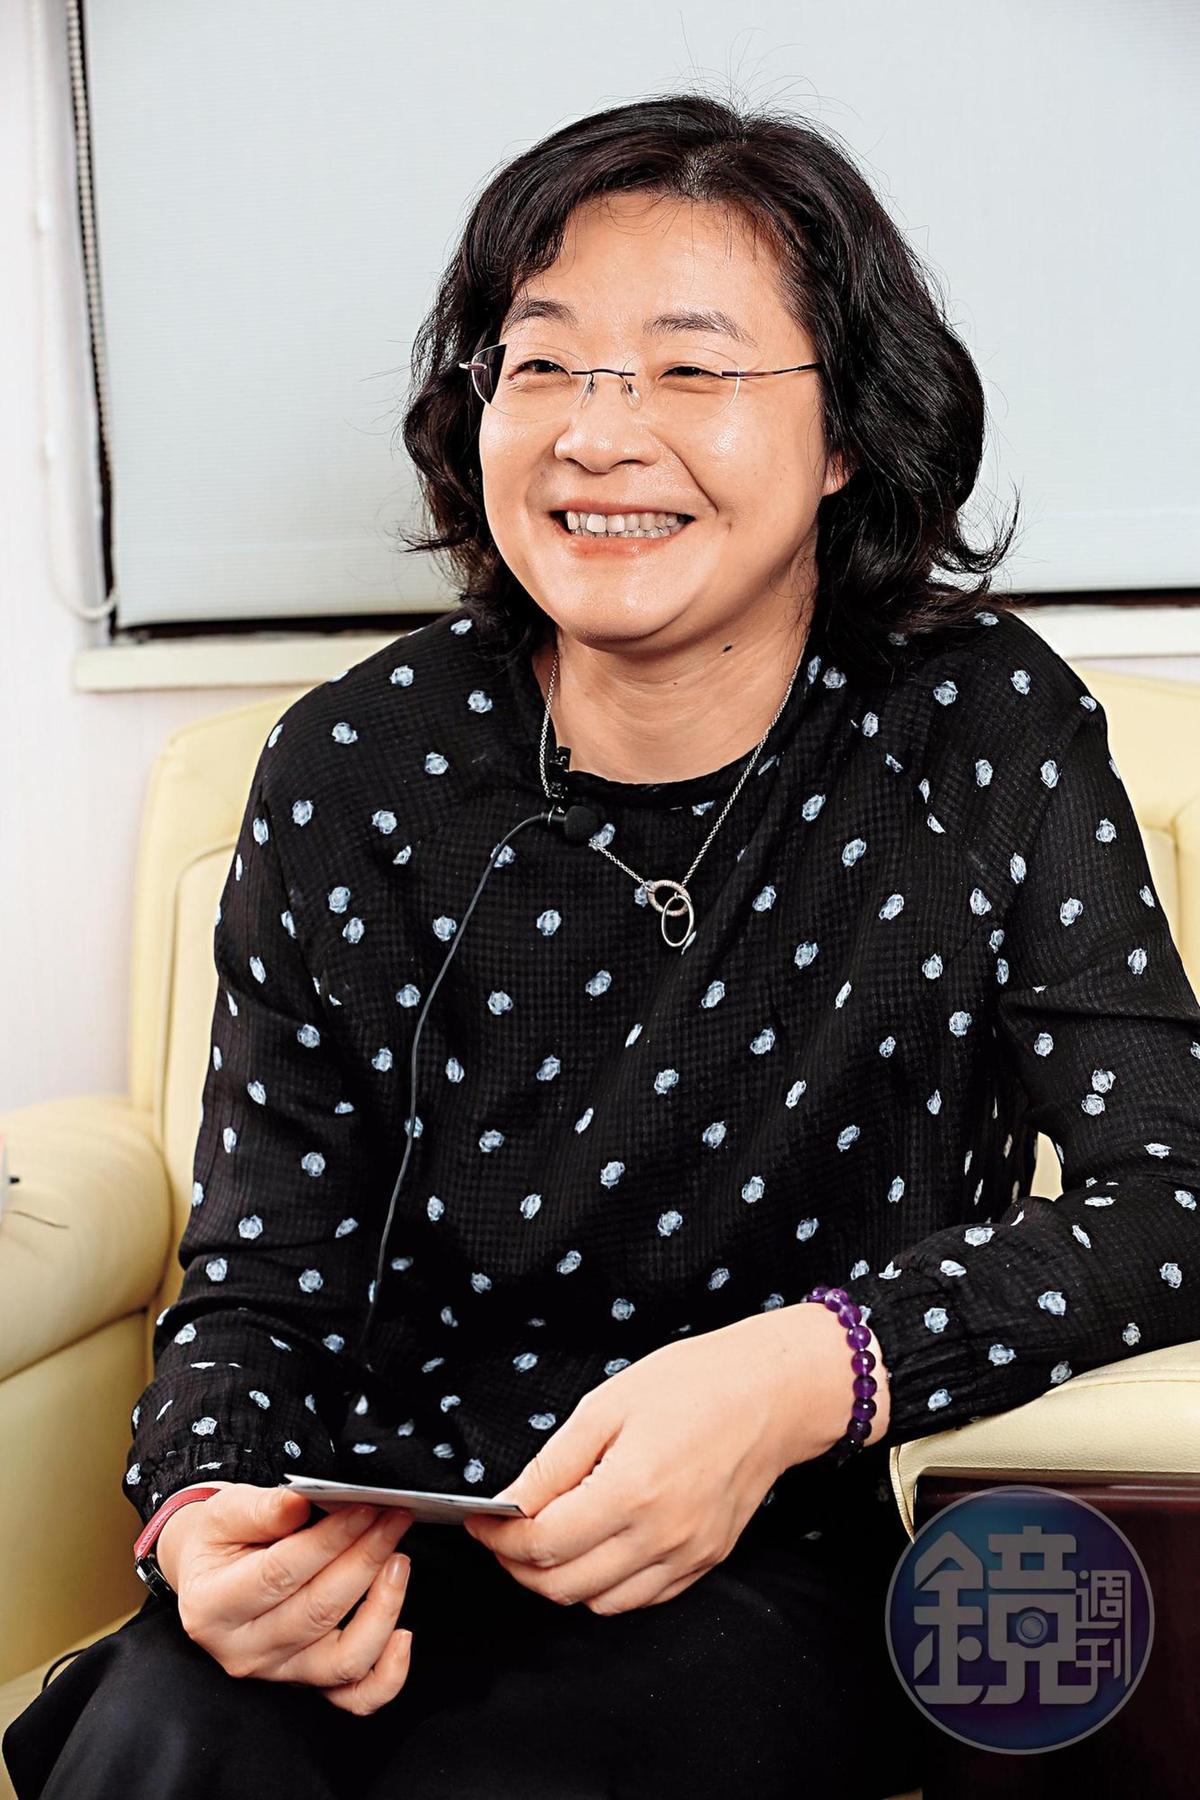 文化部影音局長徐宜君期待民眾對「世界音樂節@台灣」產生品牌認同,最終能由民間接手經營。